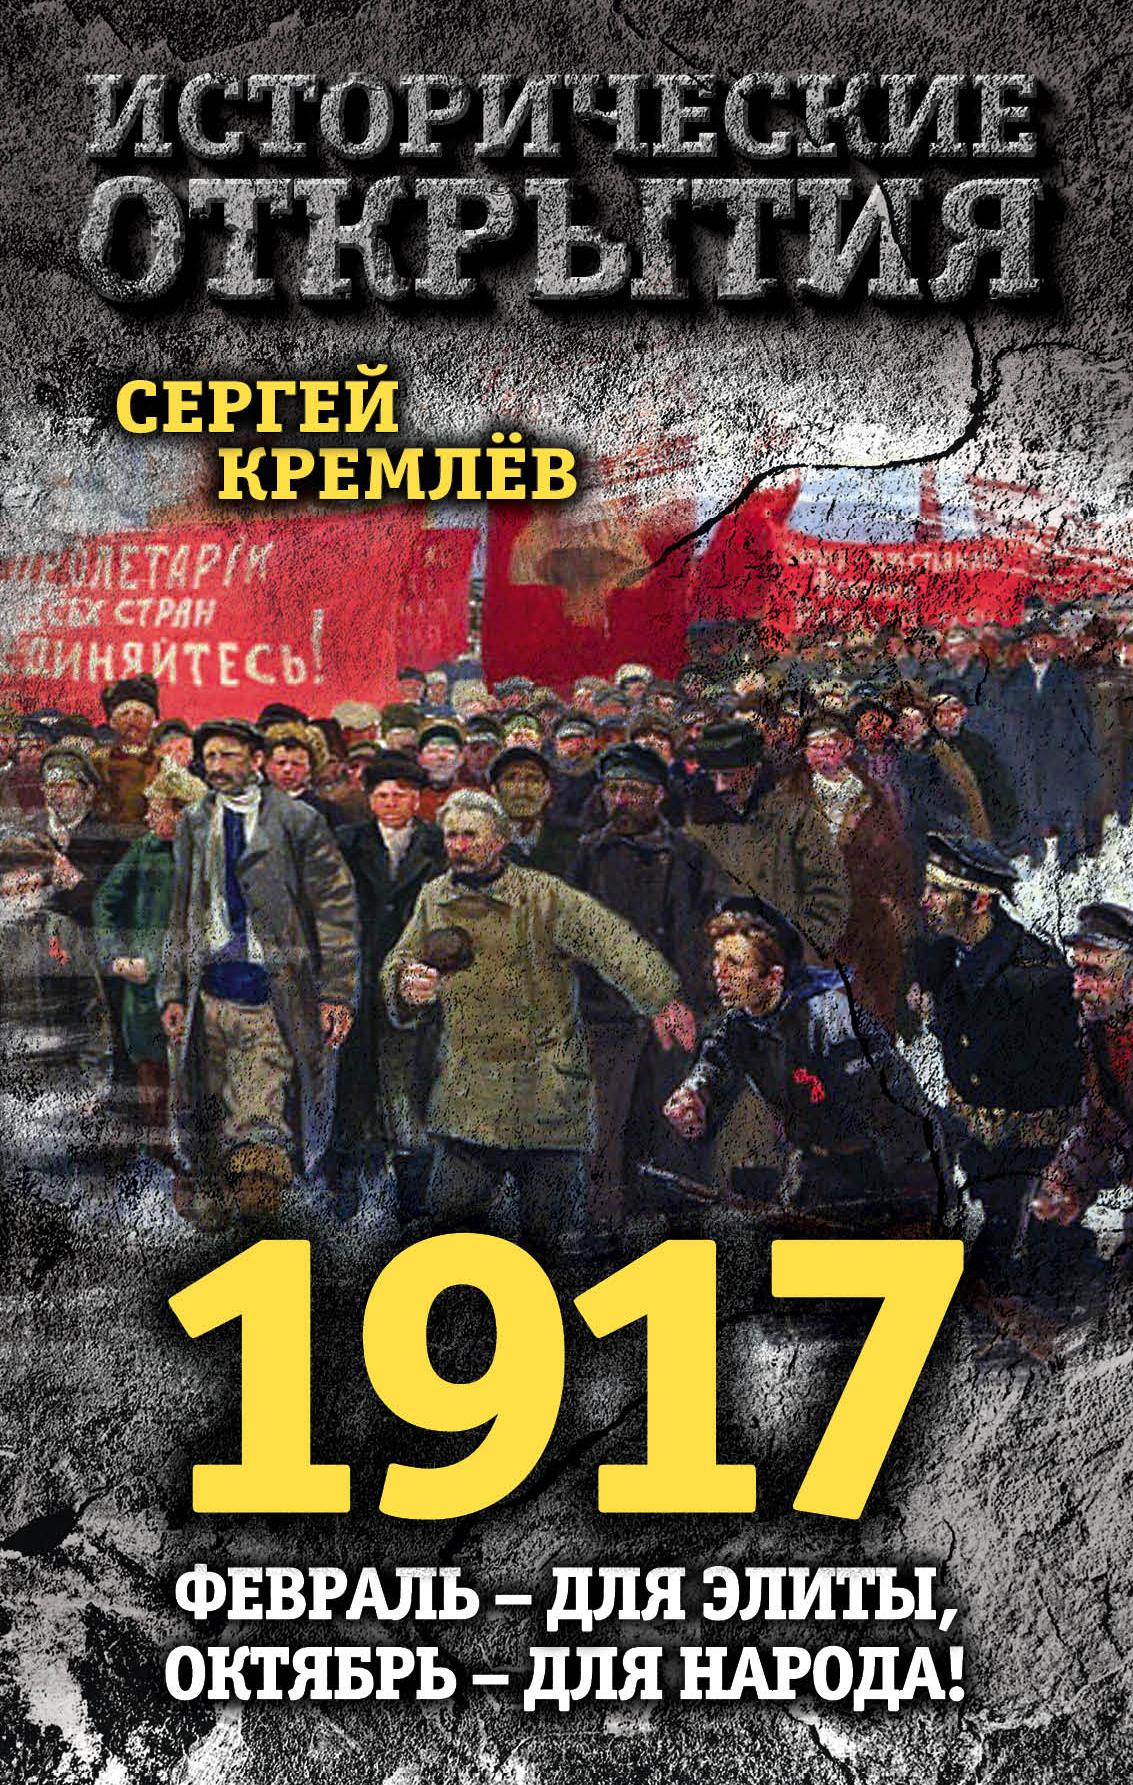 Кремлев Сергей 1917. Февраль – для элиты, Октябрь – для народа!